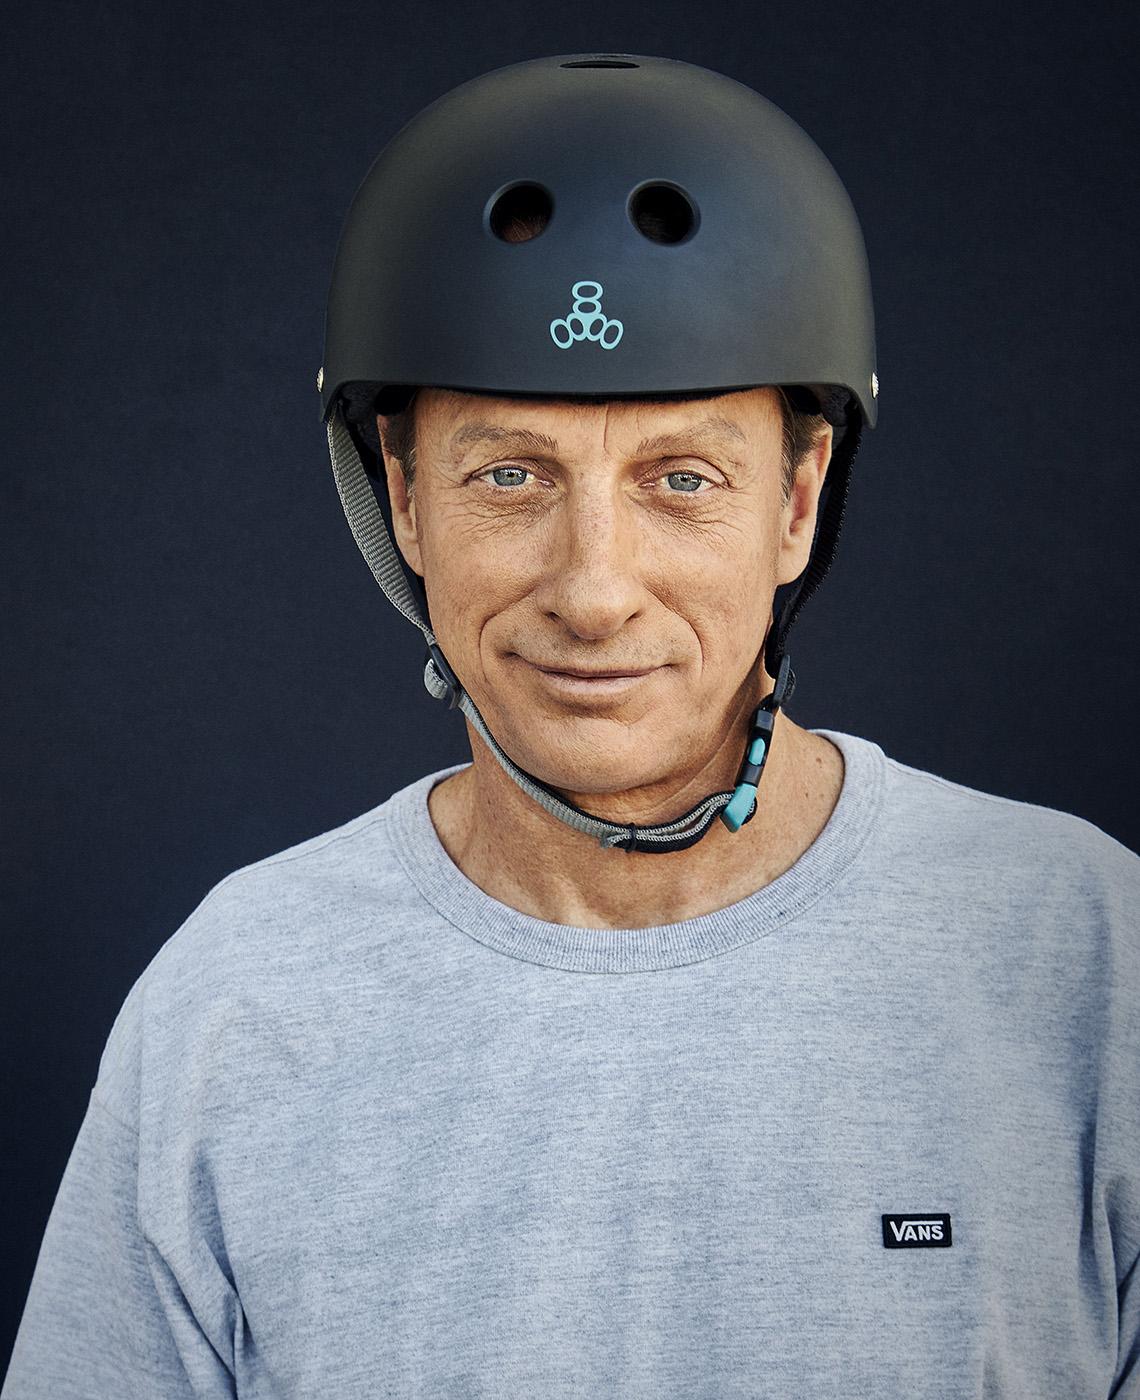 A close-up of skateboarding legend Tony Hawk wearing a helmet